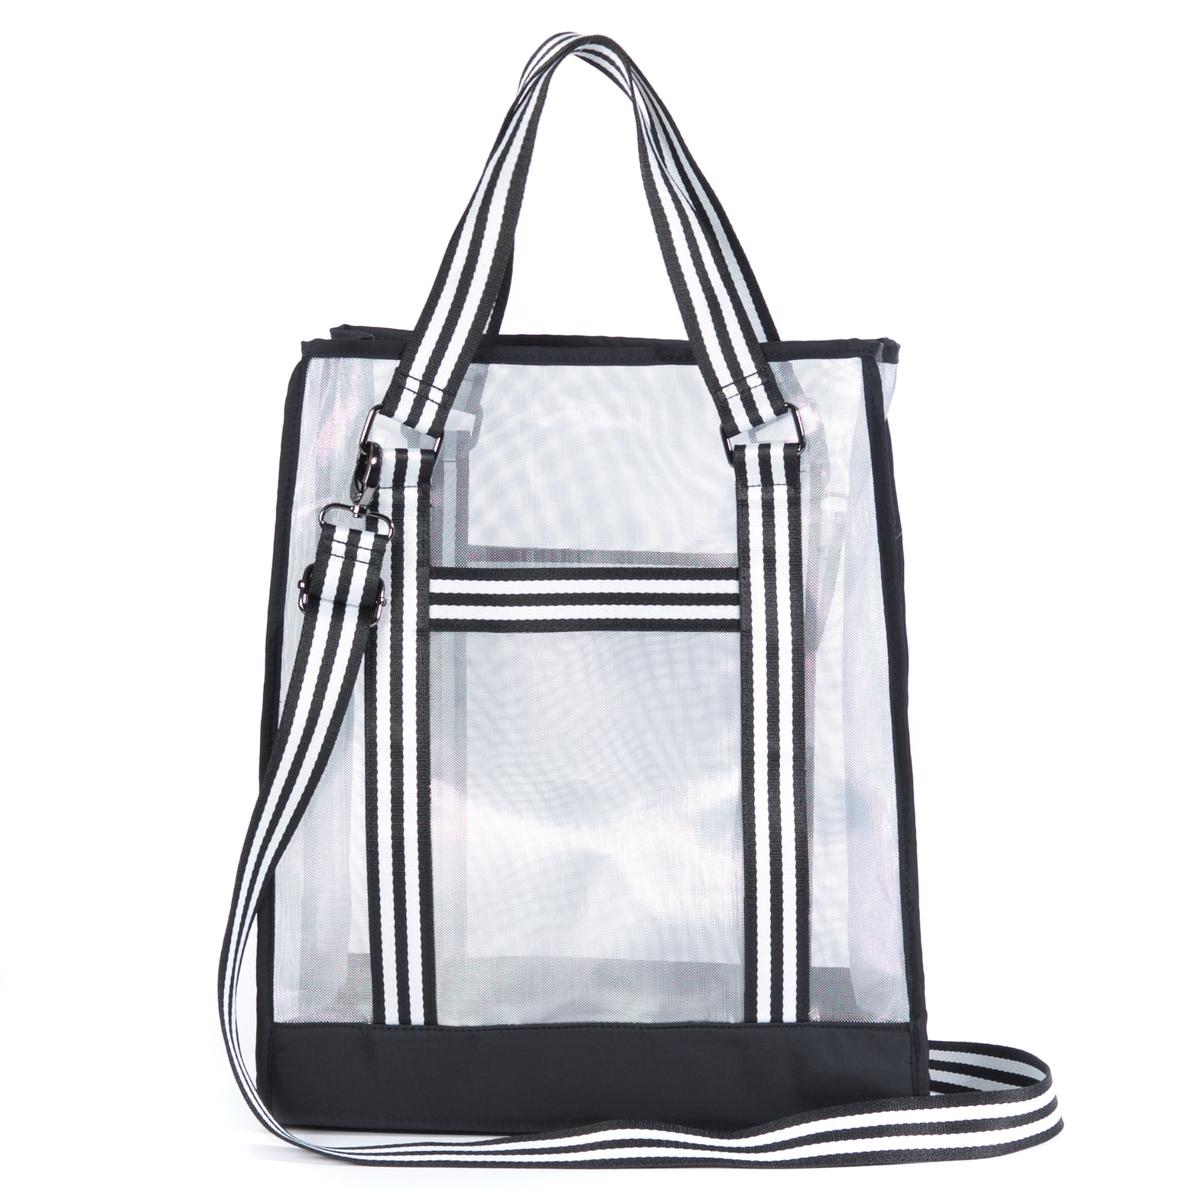 Сумка-шоппер в спортивном стилеОписание:Эта модная прозрачная сумка-шоппер с ремнями удобно располагается на плече или в руке для комфорта во время шоппинга или активных прогулок. Состав и описание :Материал верха :  полиэстерПодкладка : полиэстер Размеры :  Ш31 x В41 x Г11 смЗастежка : молнияВнутренний карман :  1 карман с застежкой на молнию и 2 кармана для мобильного телефонаПлечевой ремень : съемный, нерегулируемый Носить : через плечо или в руках<br><br>Цвет: черный